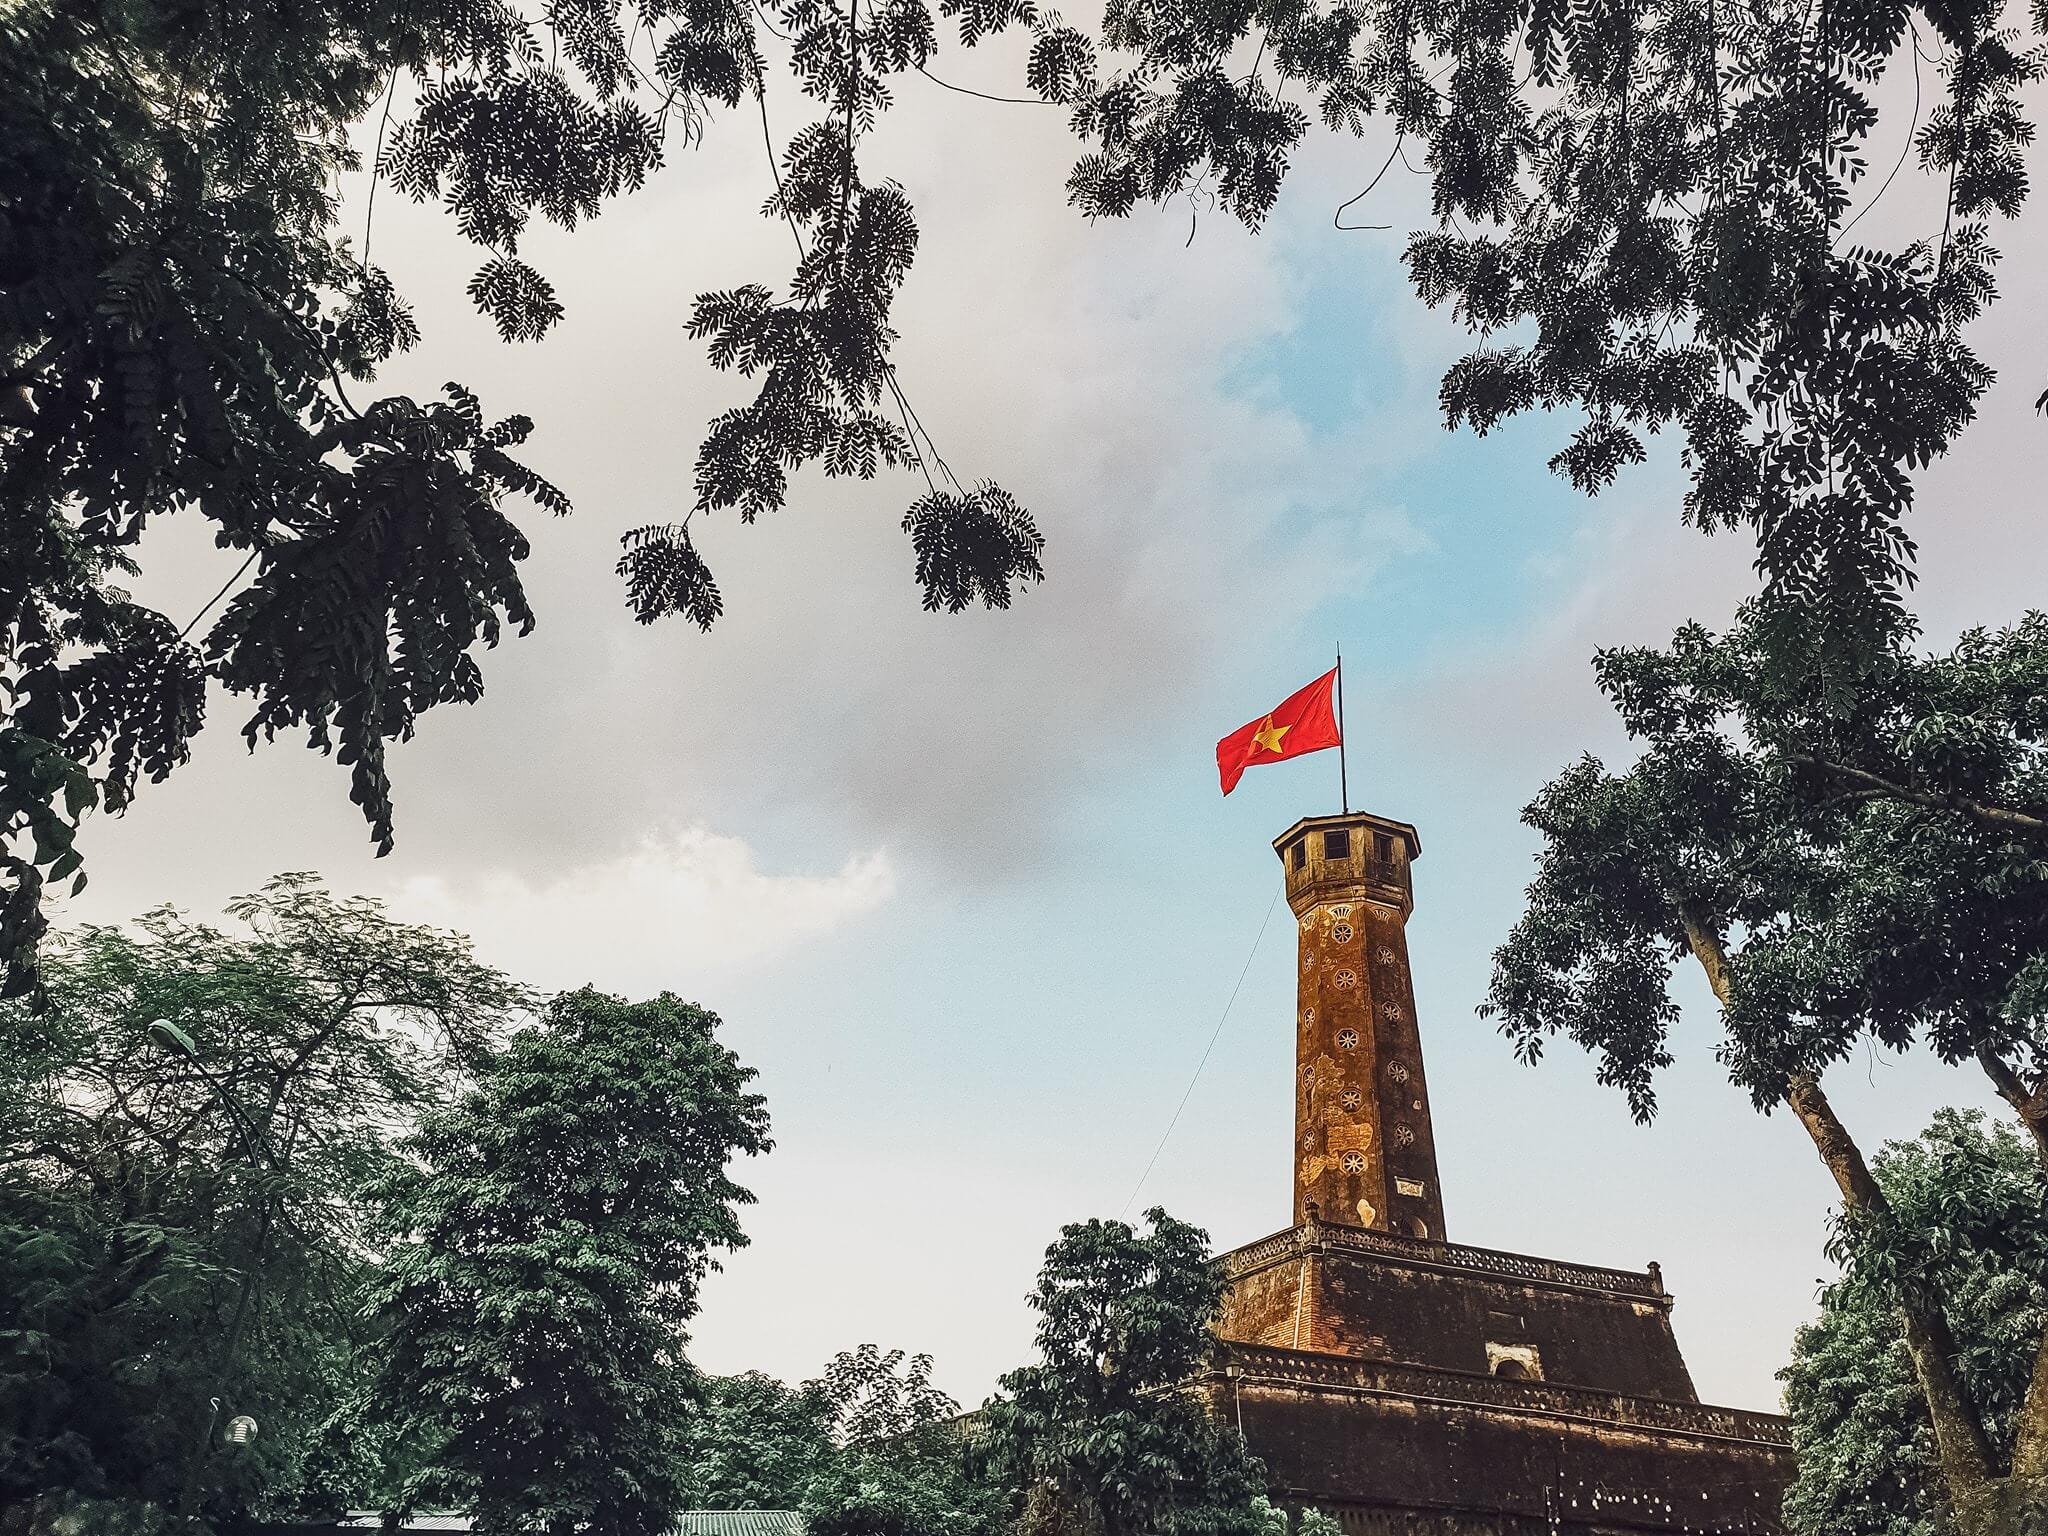 Kiến trúc đặc biệt của Cột cờ Hà Nội